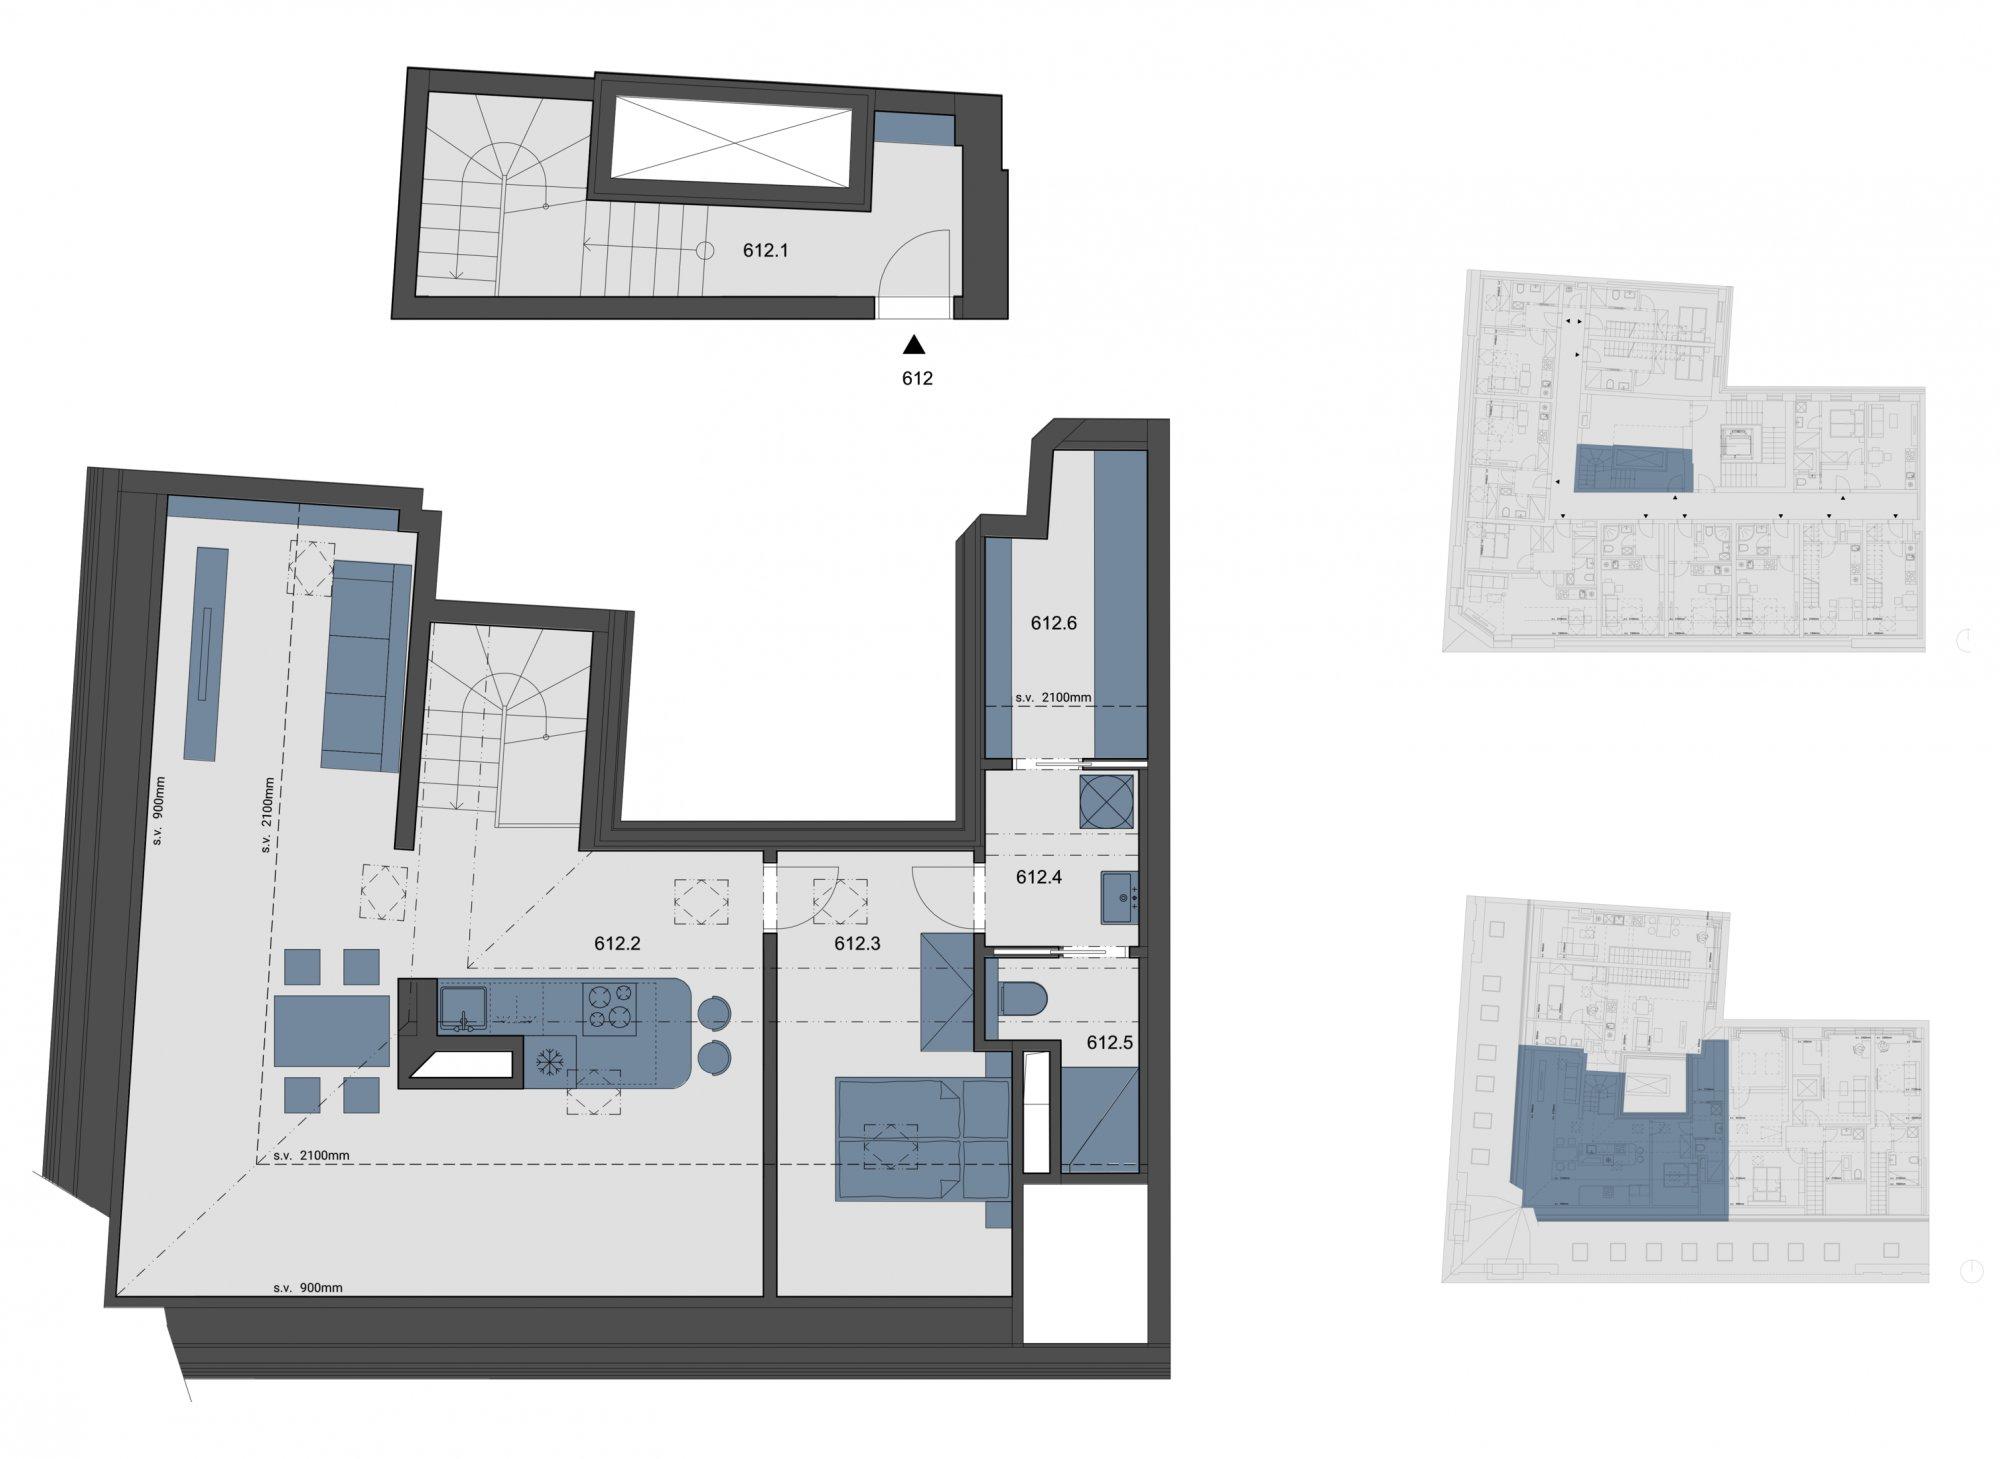 Půdorys - Půdní byt 2+kk, plocha 85 m², ulice Tyršova, Praha 2 - Nové Město